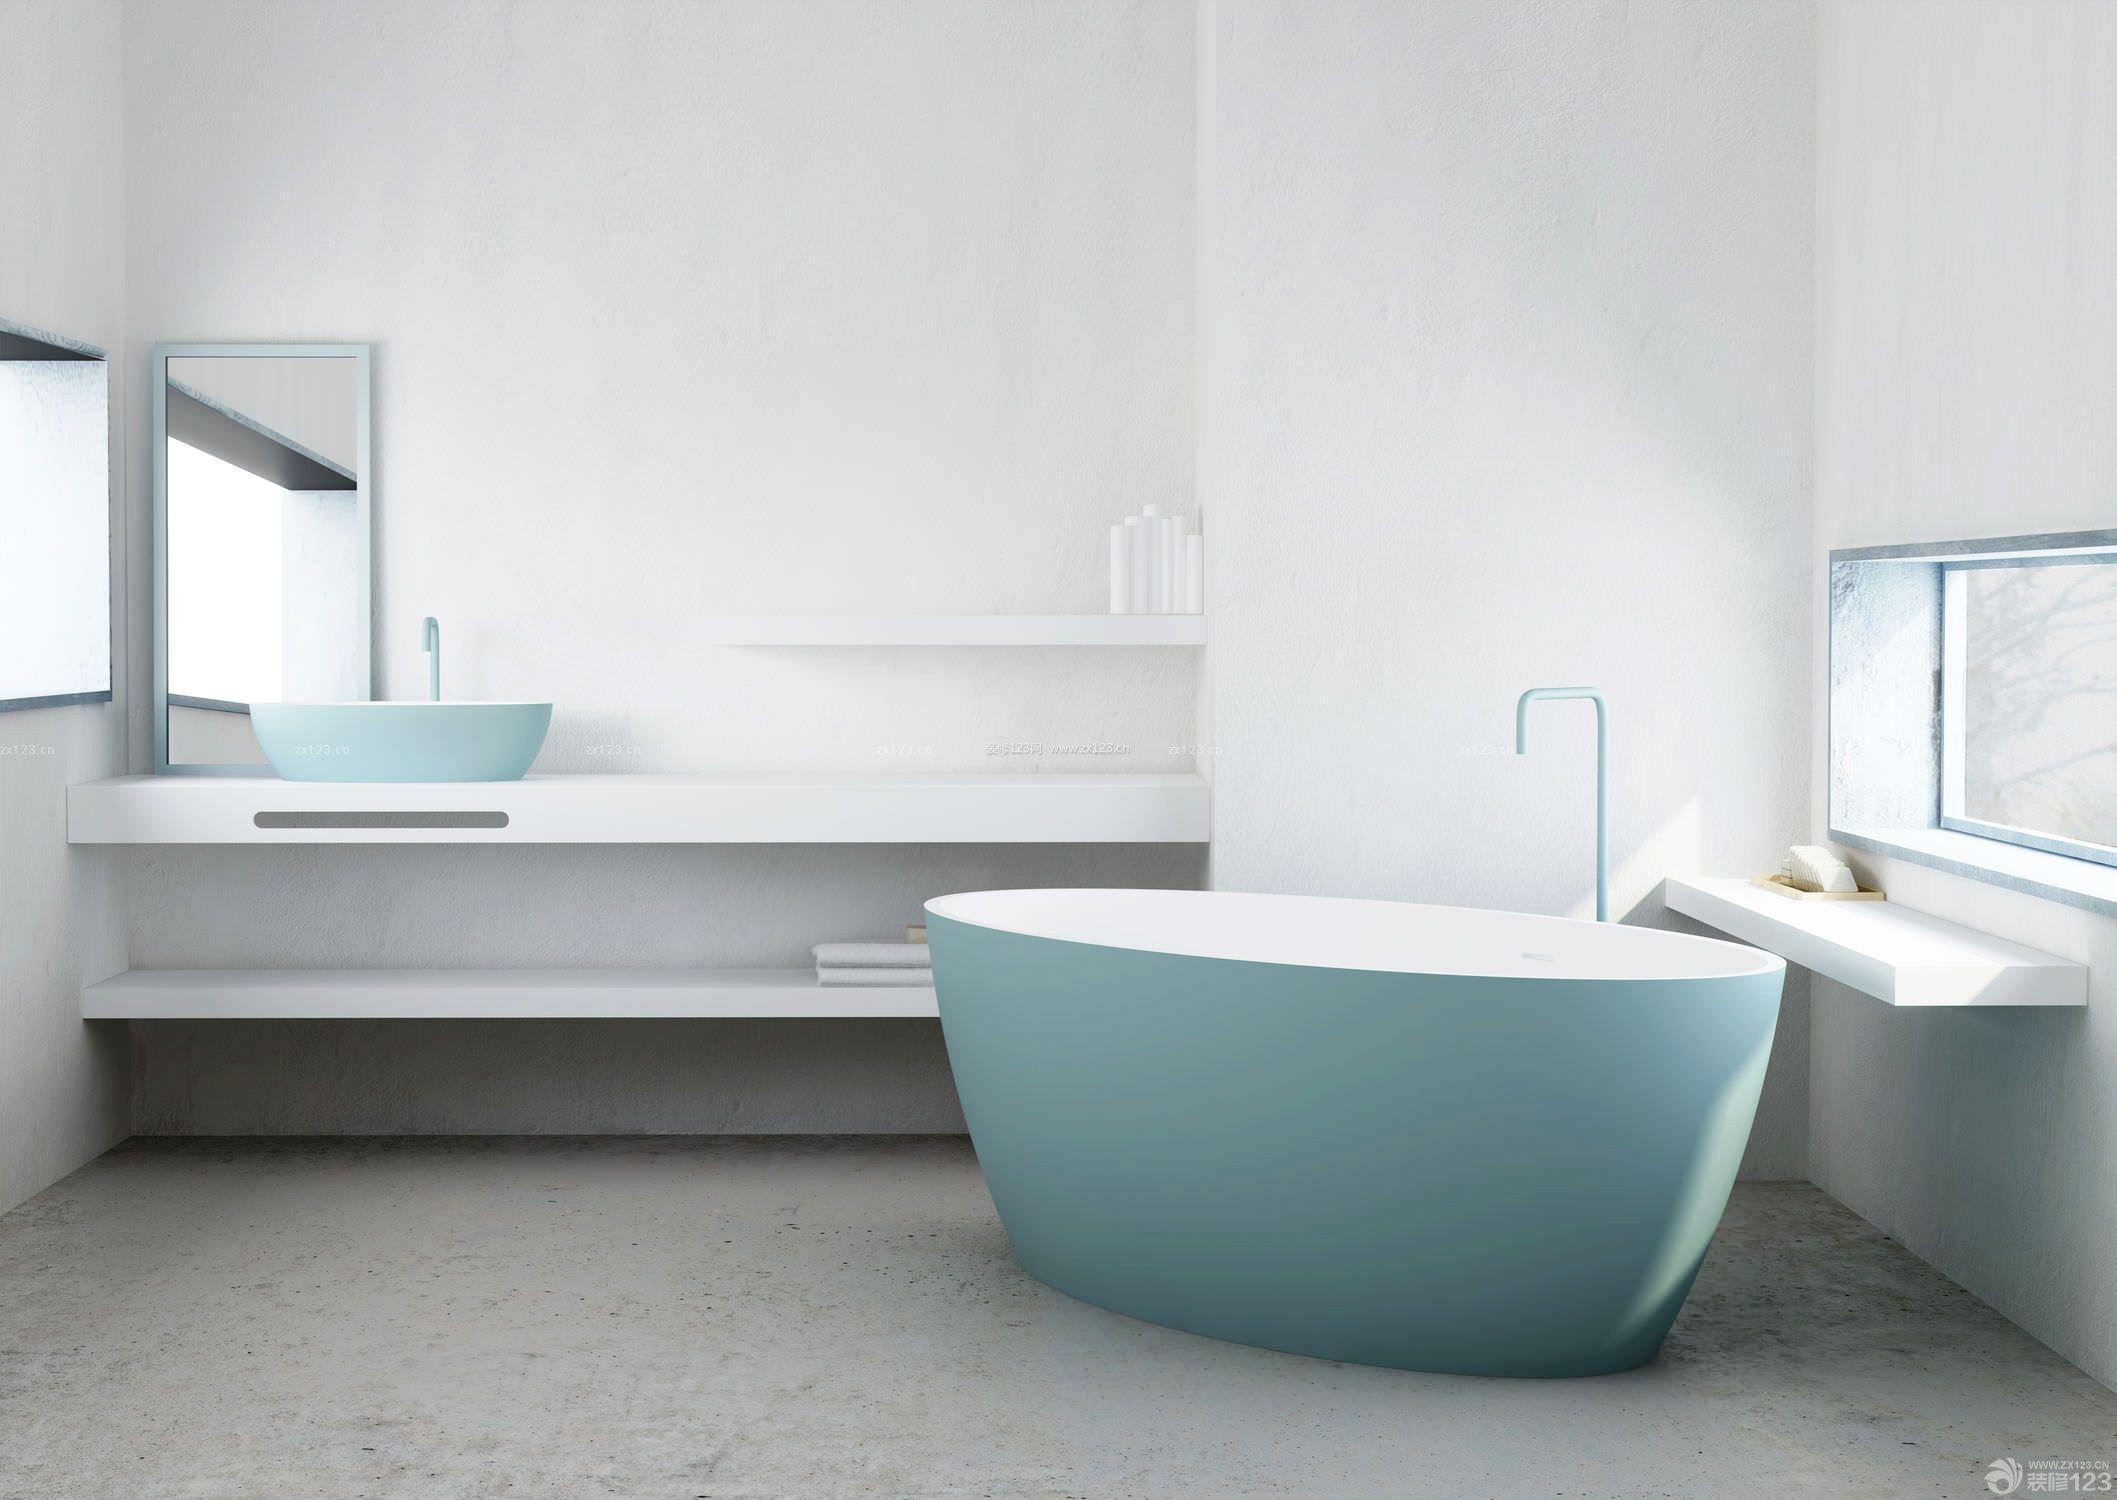 简约时尚家庭小别墅房子卫生间浴室装修图片